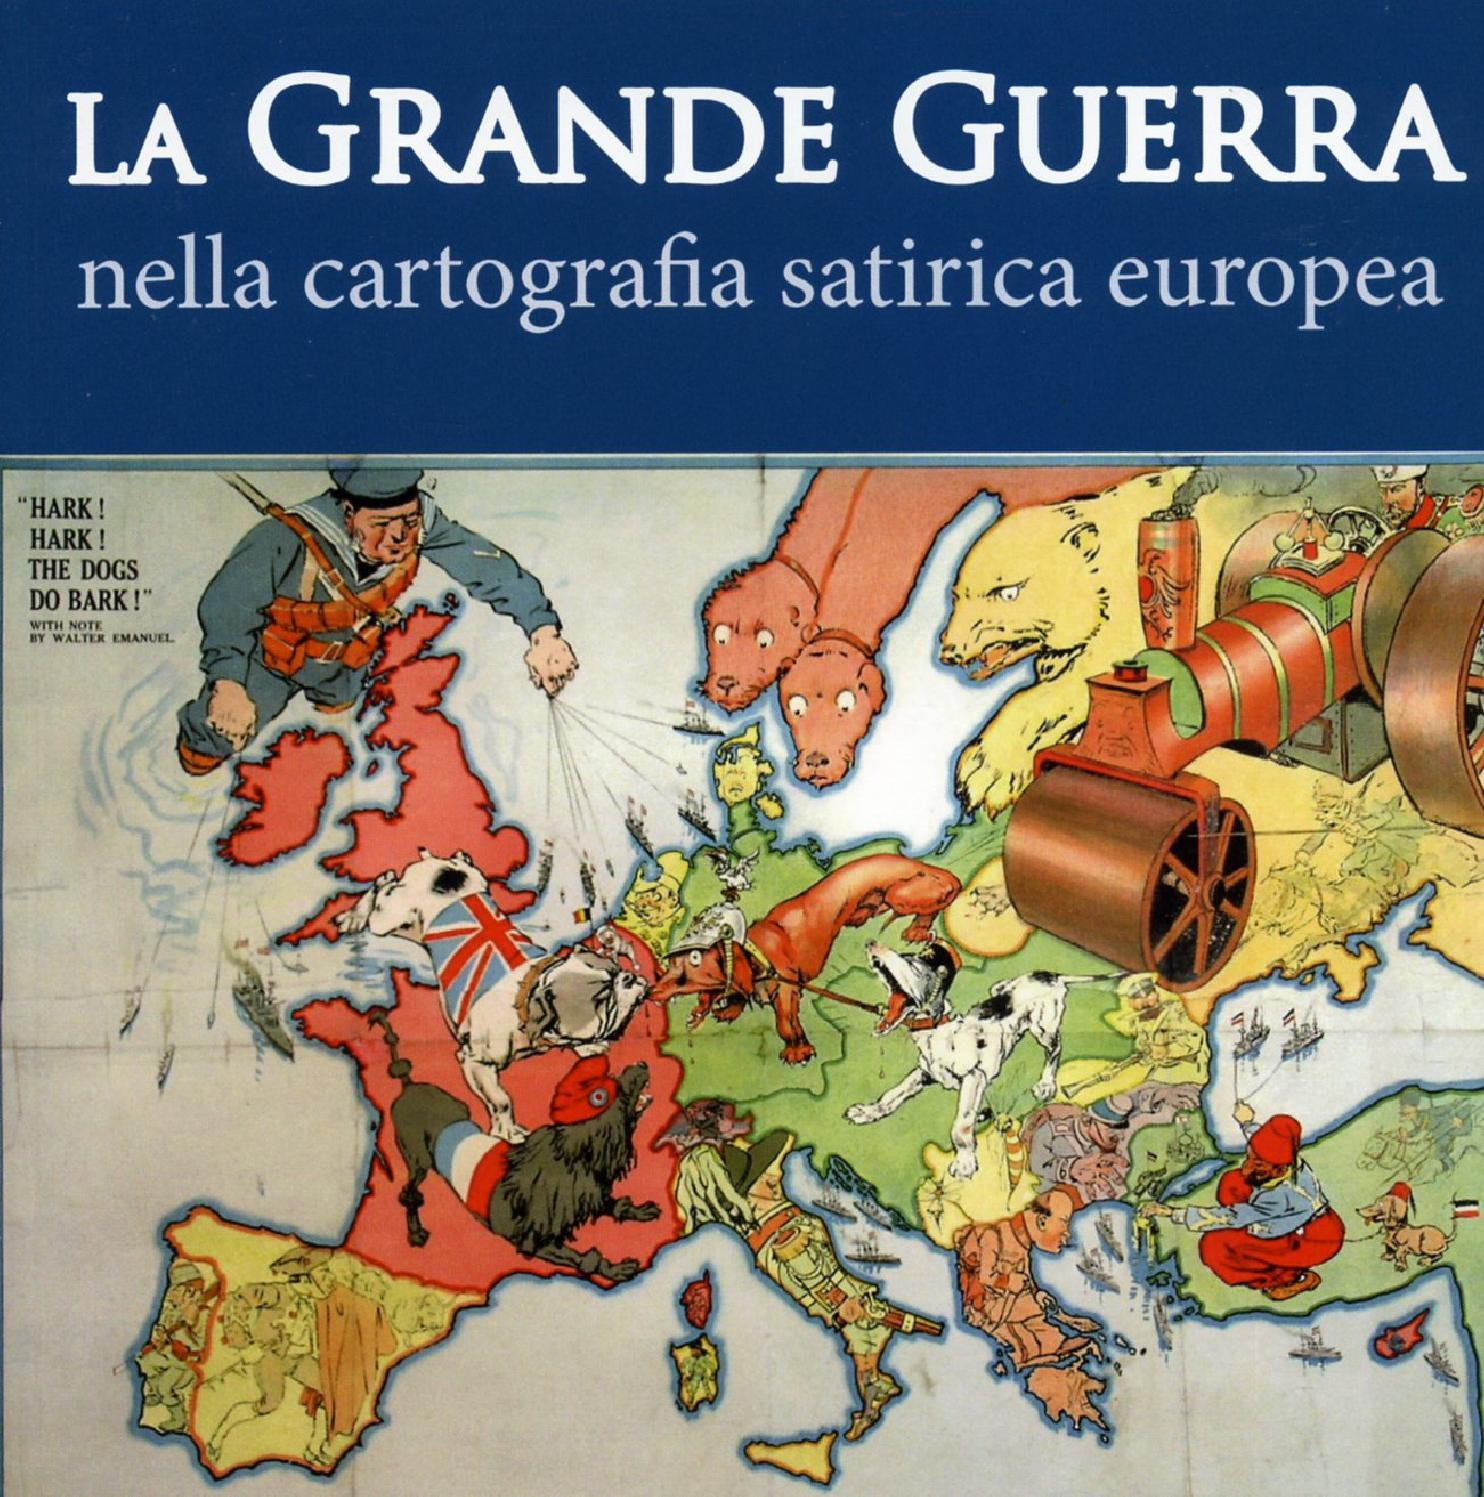 Cartina Geografica Prima Guerra Mondiale.La Grande Guerra Nella Cartografia Satirica Europea By Ecomuseo Valsugana Issuu